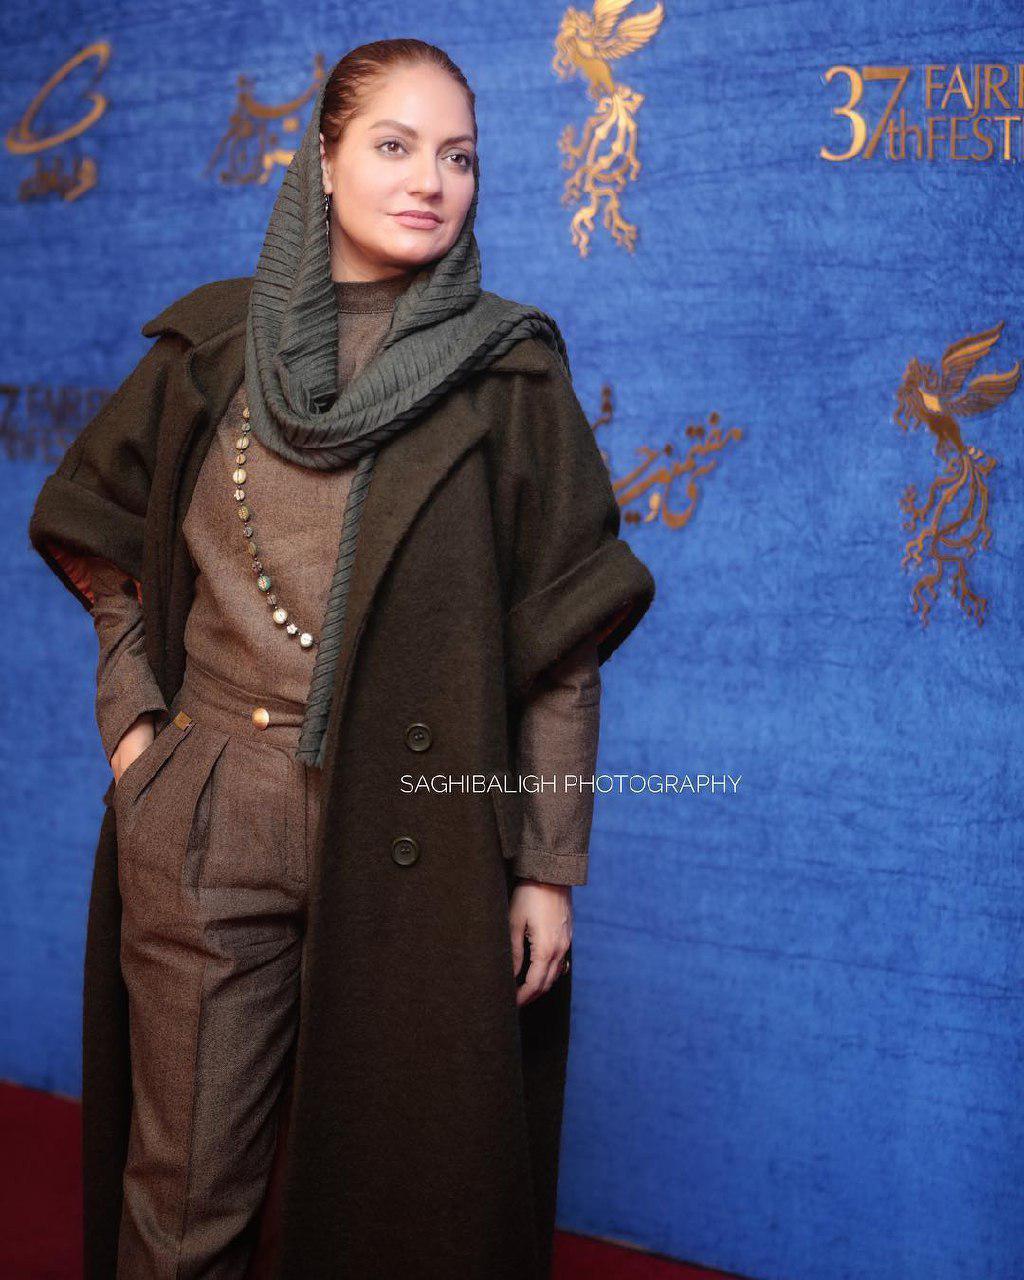 اینستاگرام گردی: مهناز افشار در سی و هفتمین جشنواره فیلم فجر